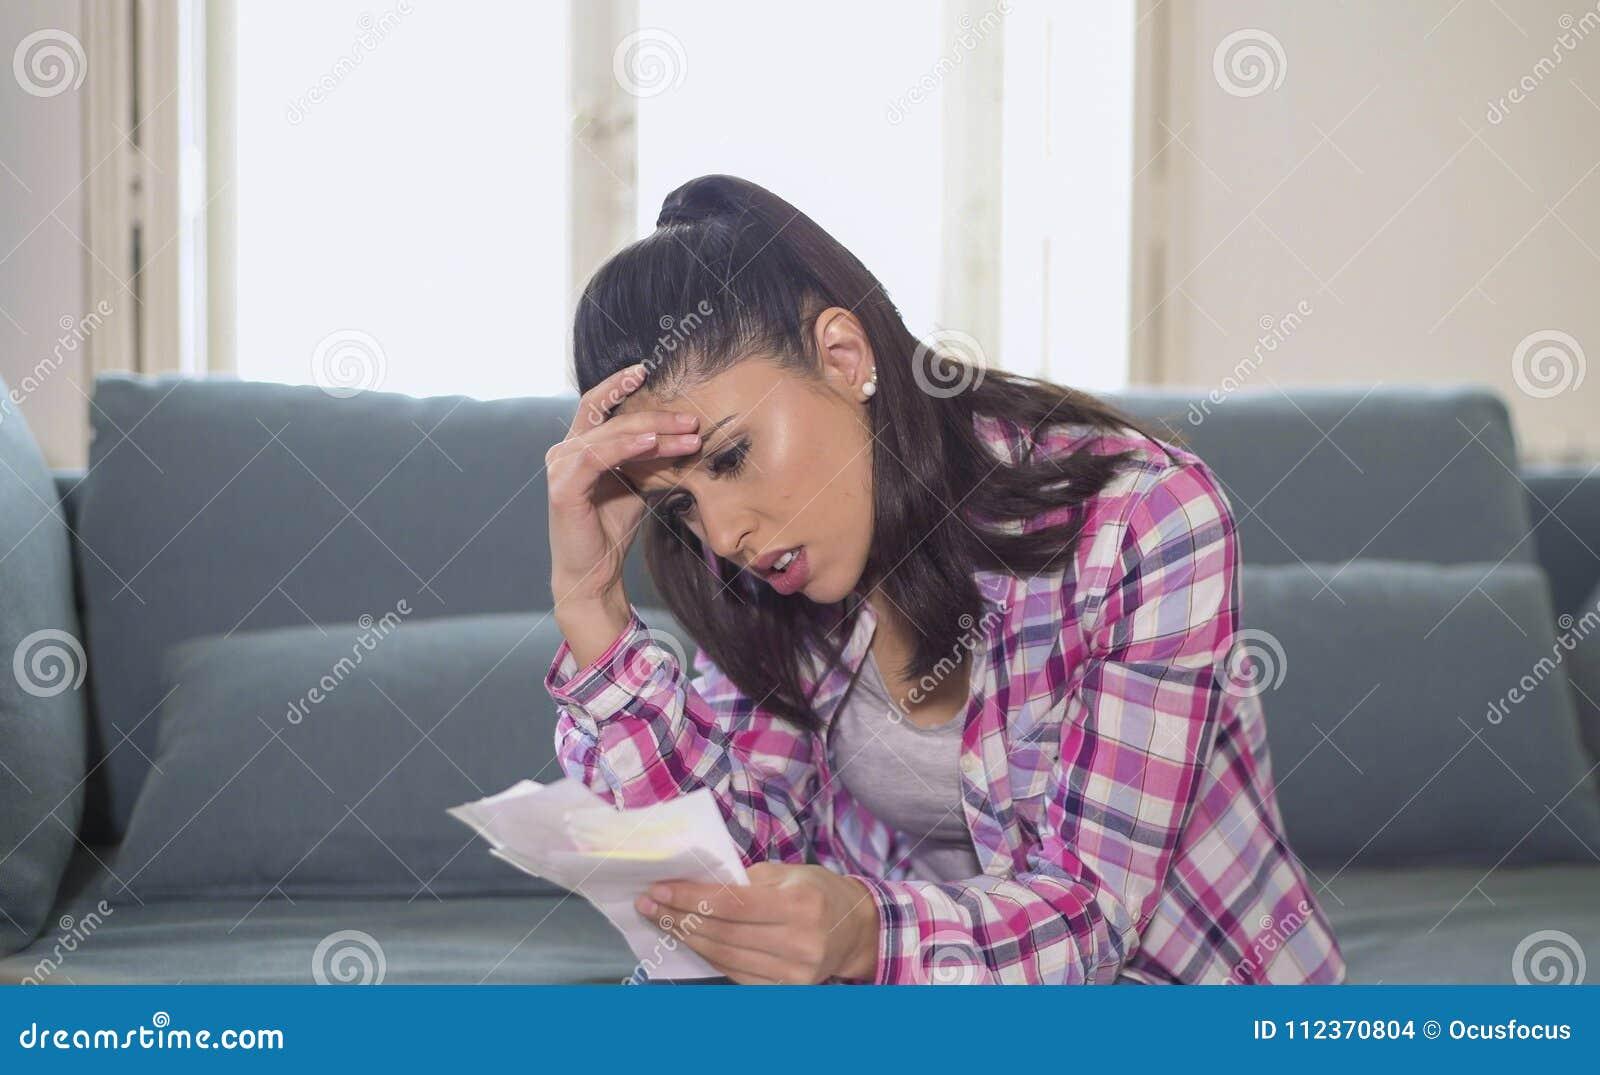 检查票据银行票据费用和月度付款在重音的年轻可爱和担心的西班牙妇女在公寓生活